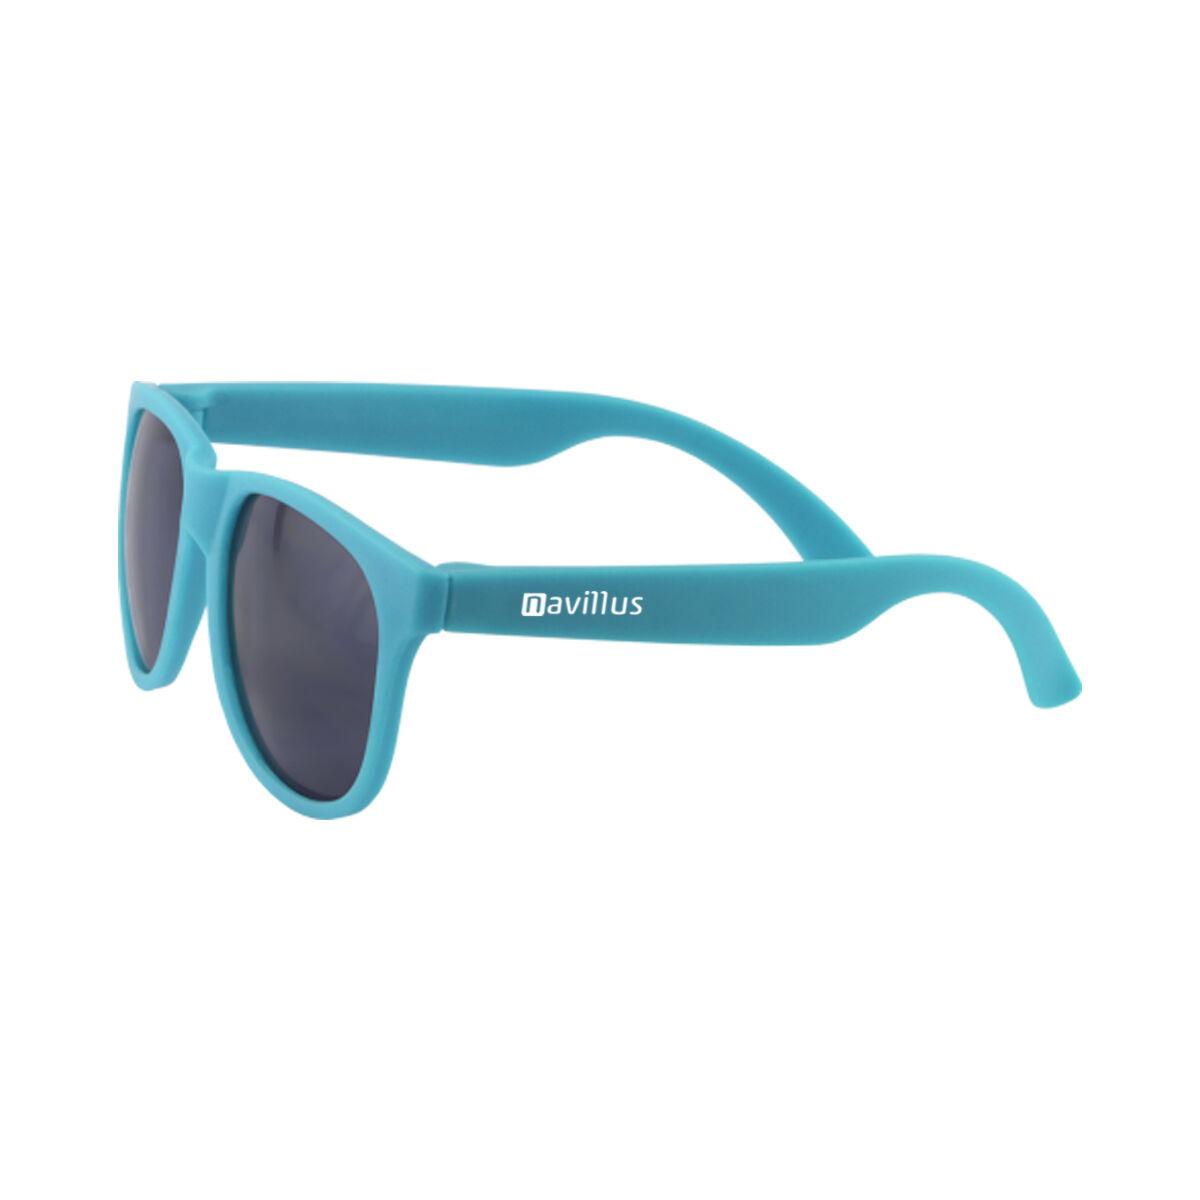 Fiesta Mix n Match Sunglasses in Light Blue